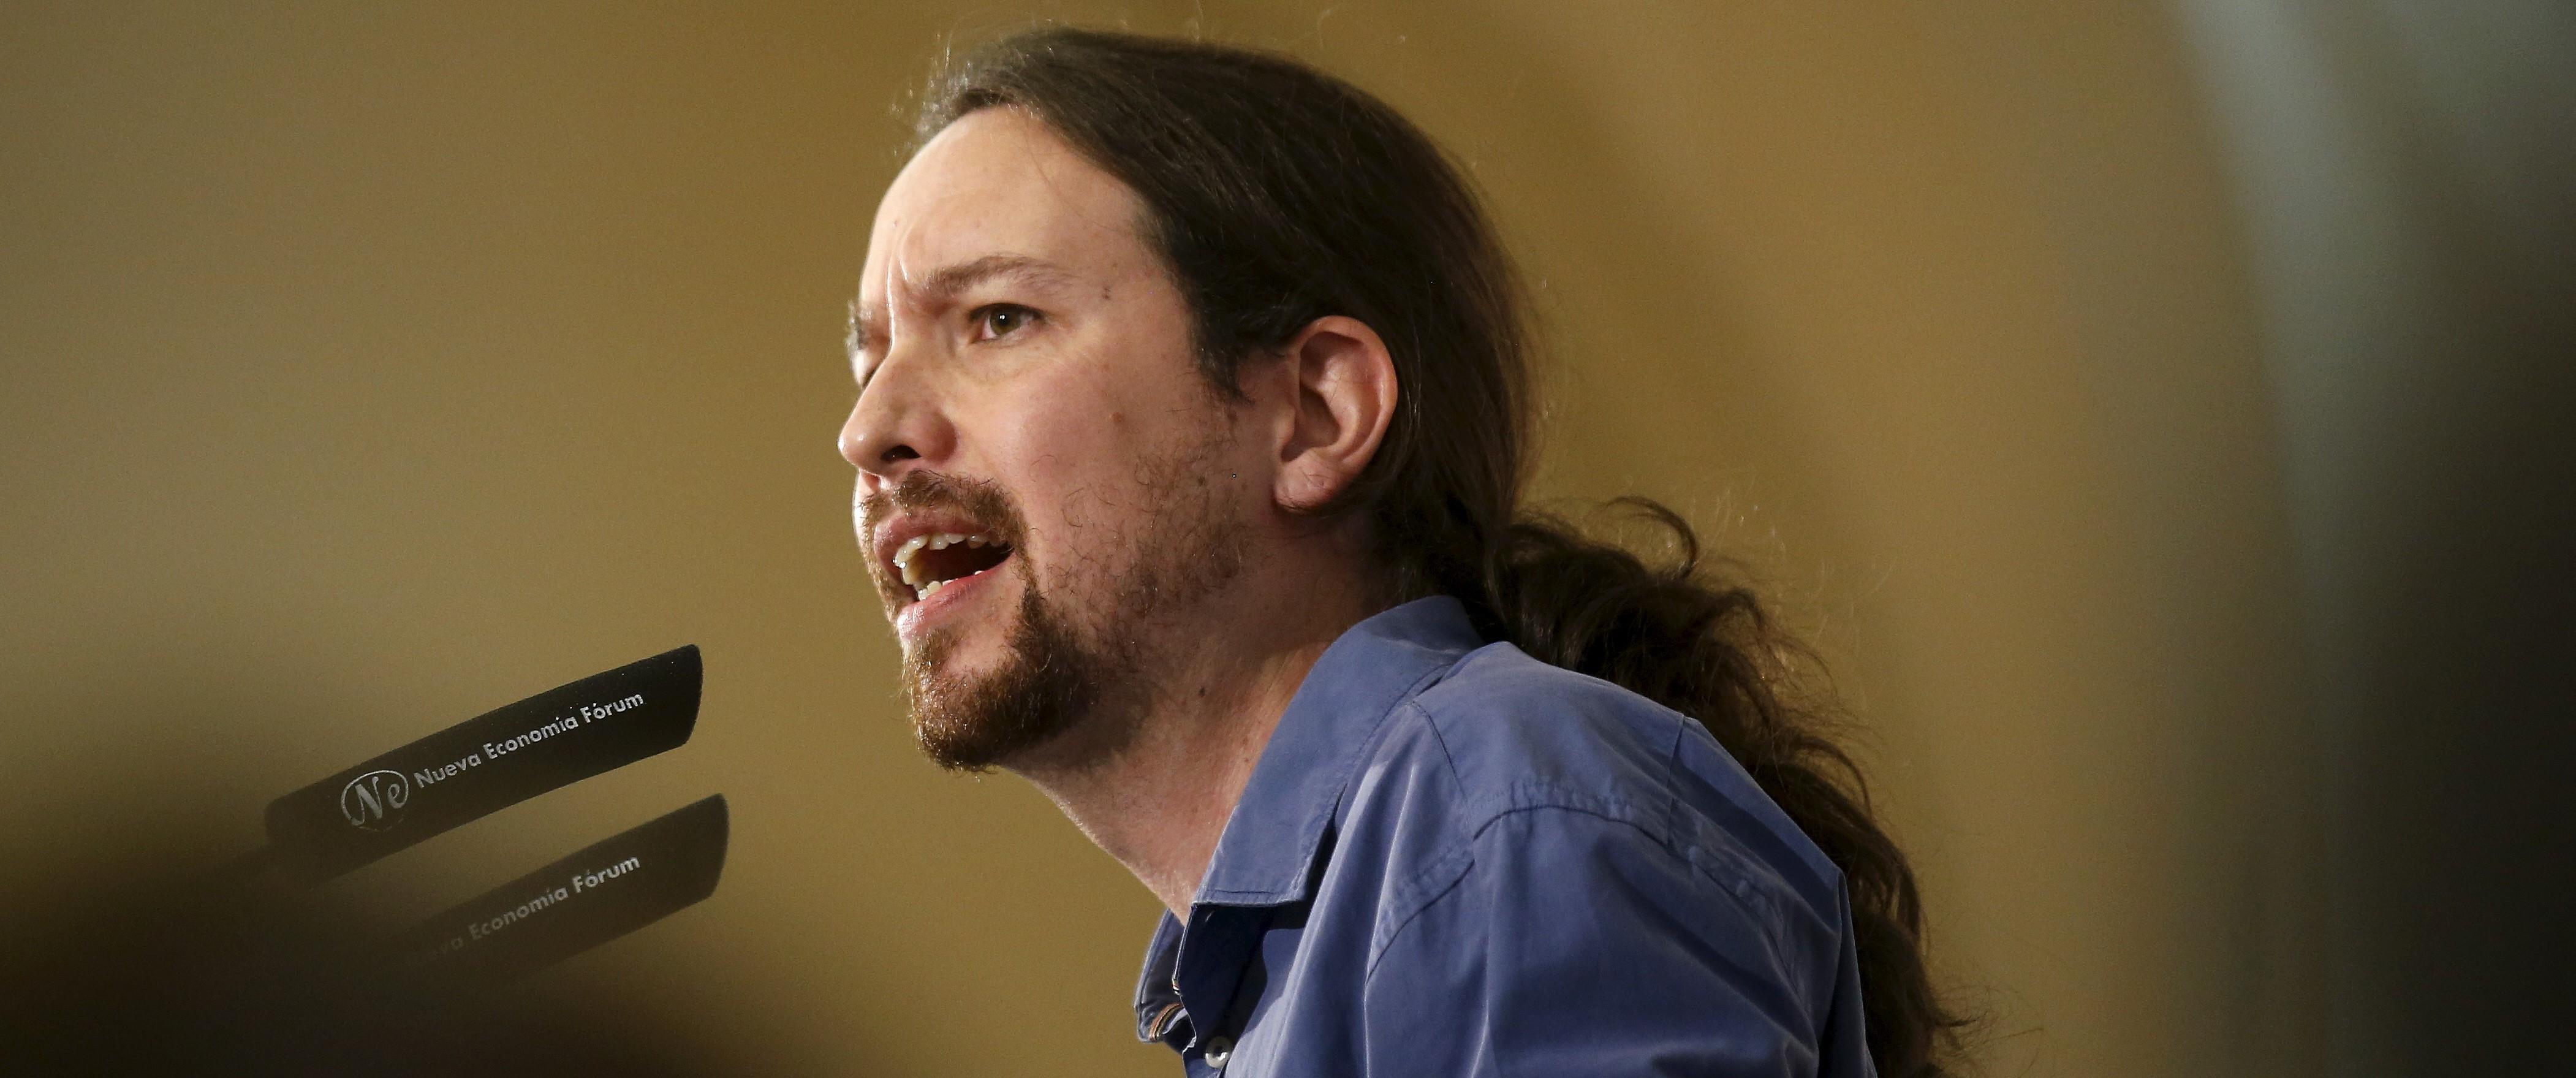 Pablo Iglesias, lider de Podemos. Reuters